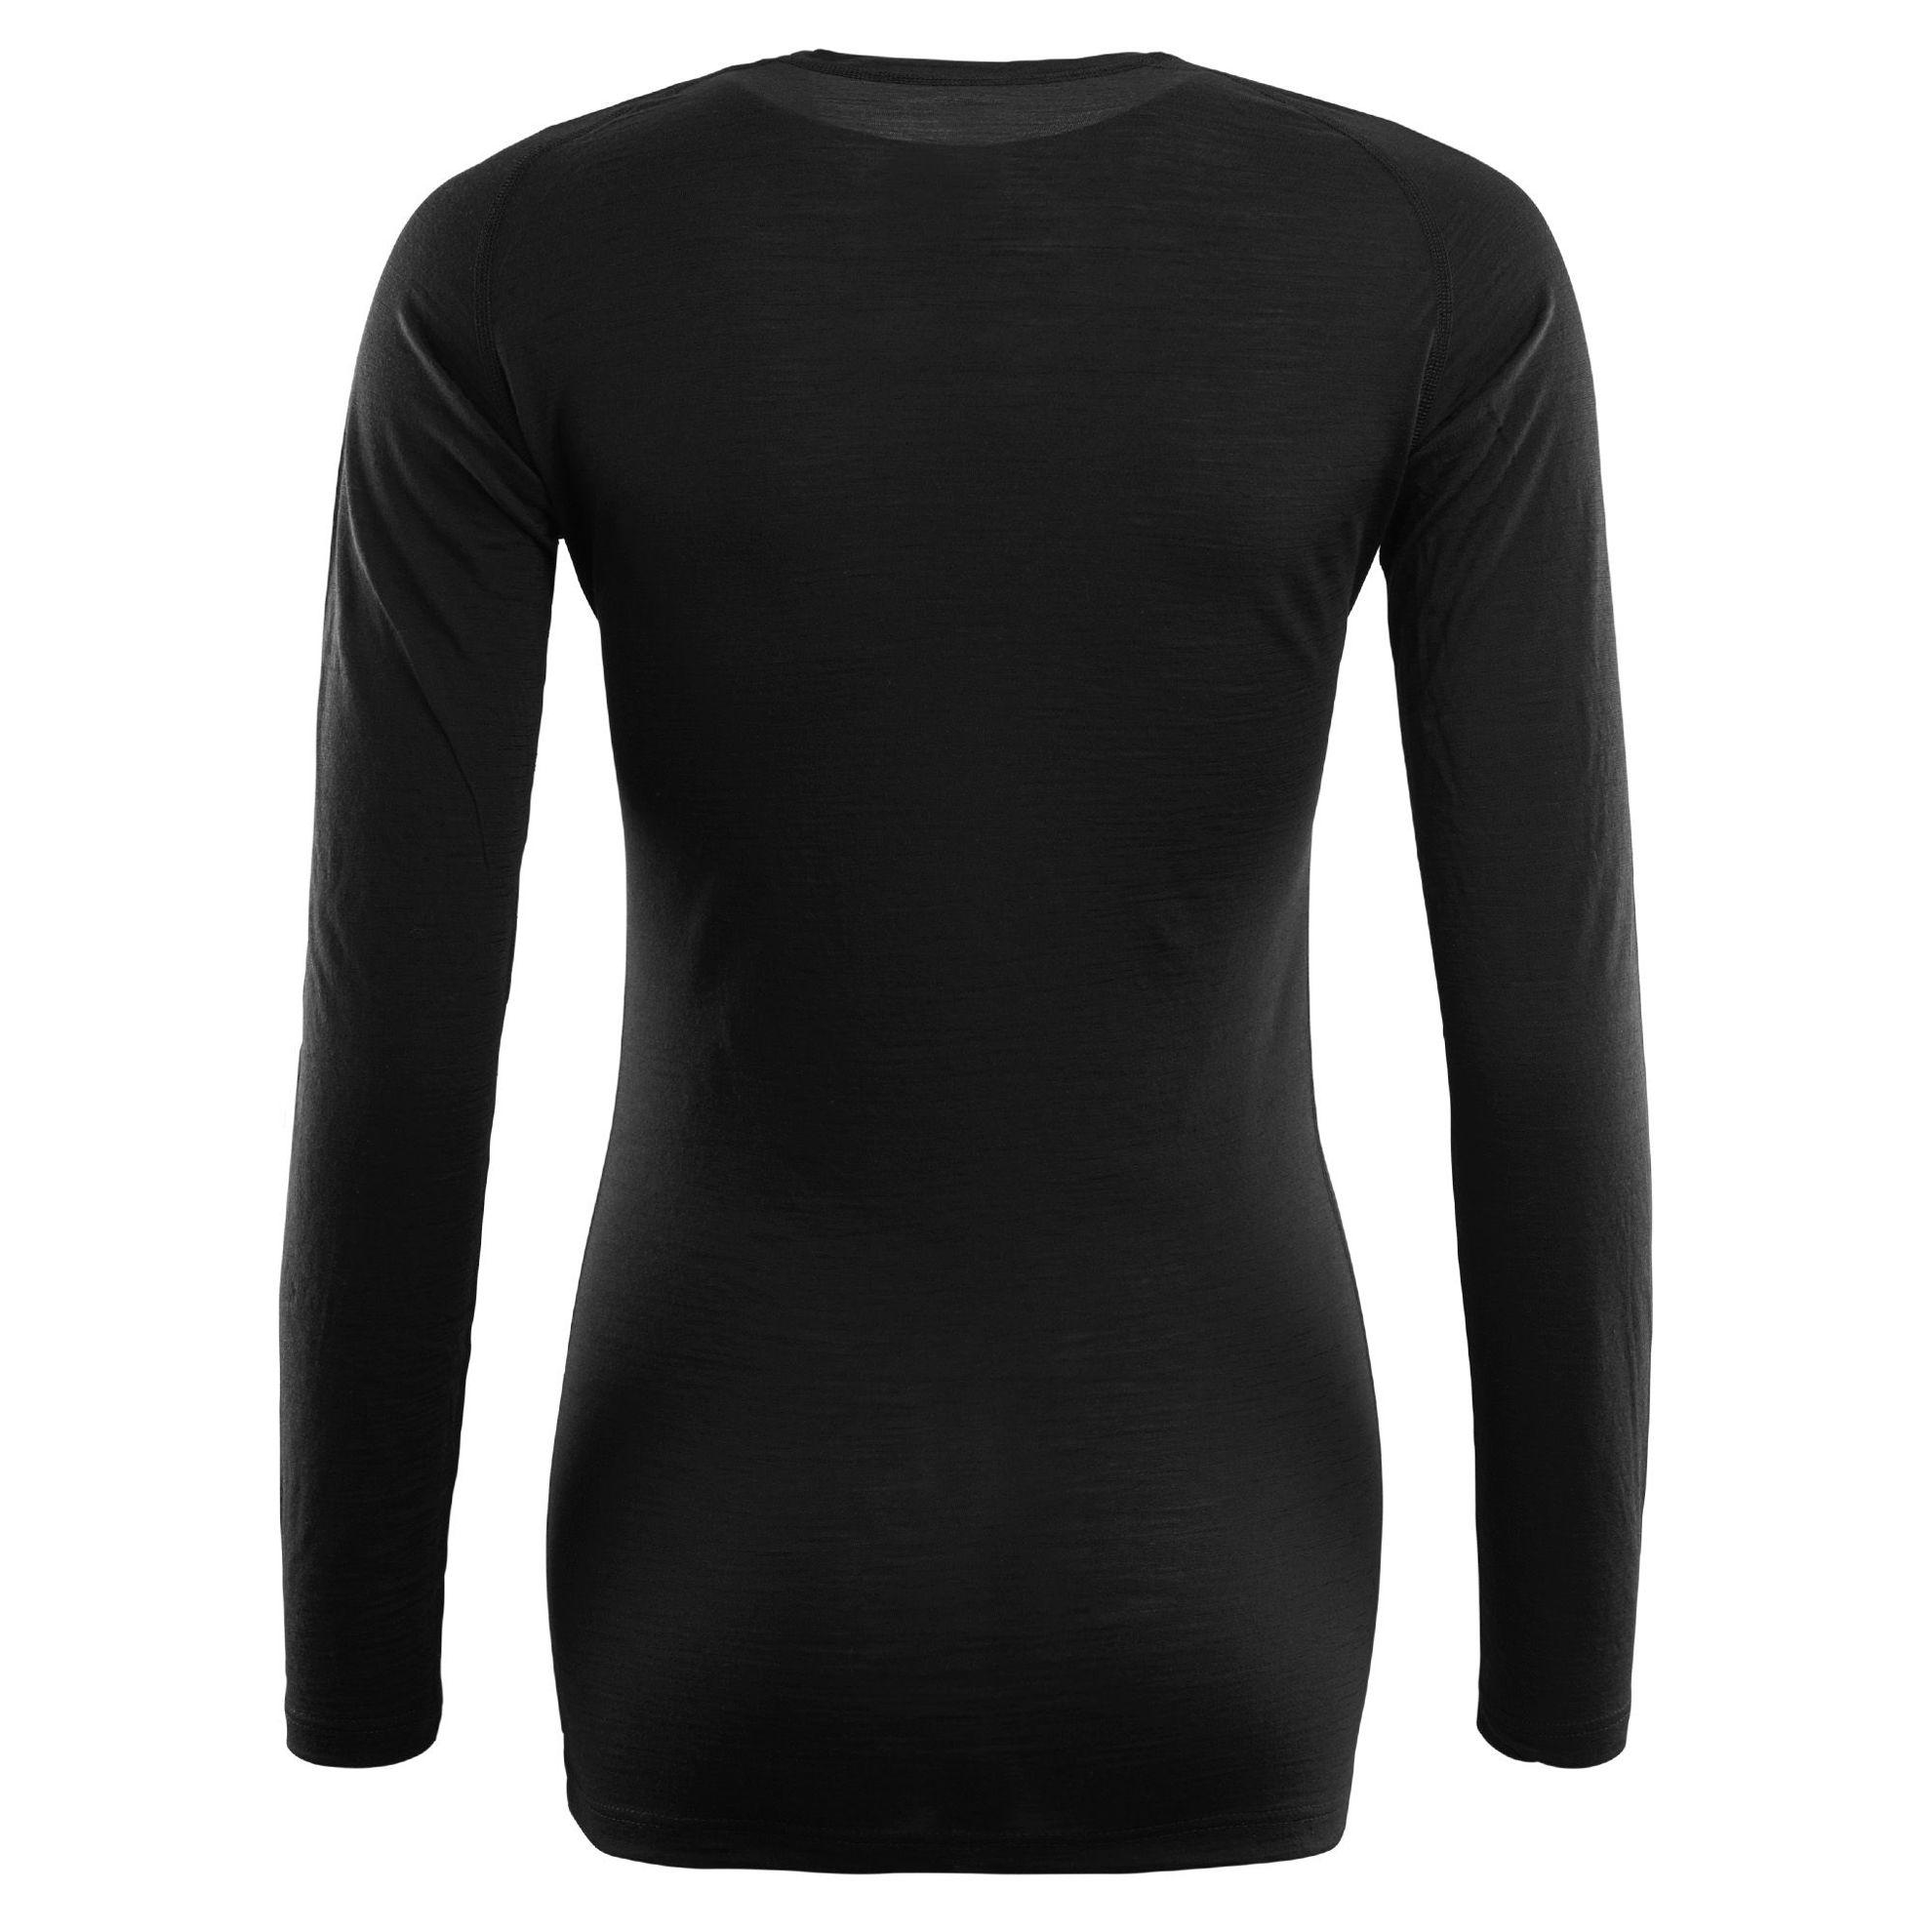 Bild på Aclima LightWool Crew Neck shirt, Wom i Merinoull - Jet Black